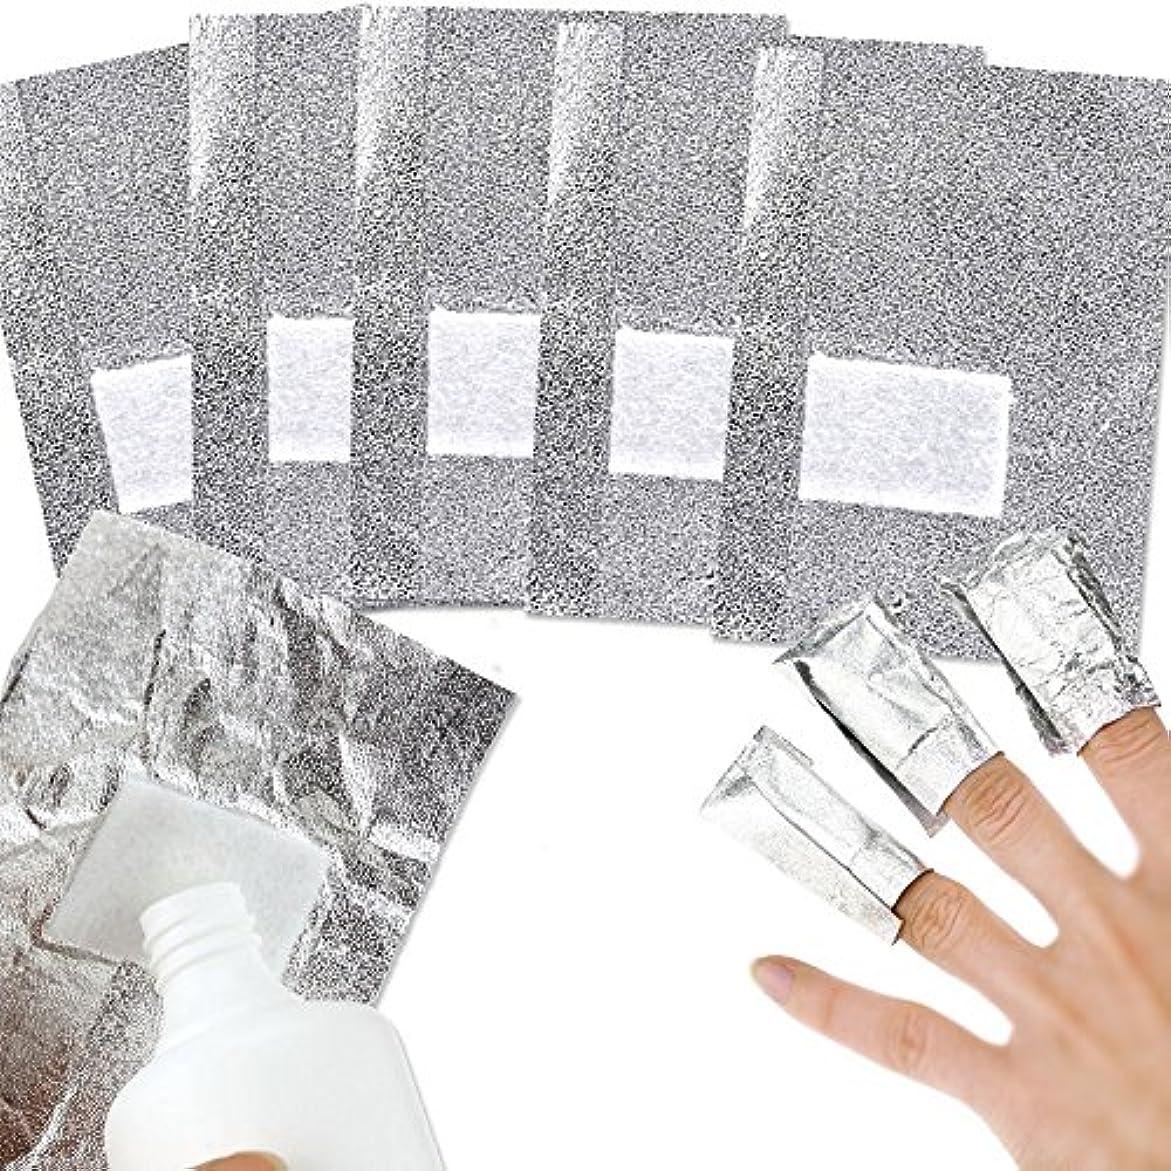 あそこ性別天井UVジェル リムーバーパッド 100枚入り ネイルポリッシュをきれいにオフする コットン付きアルミホイル ジェル除却 使い捨て 爪マニキュア用品 Pichidr